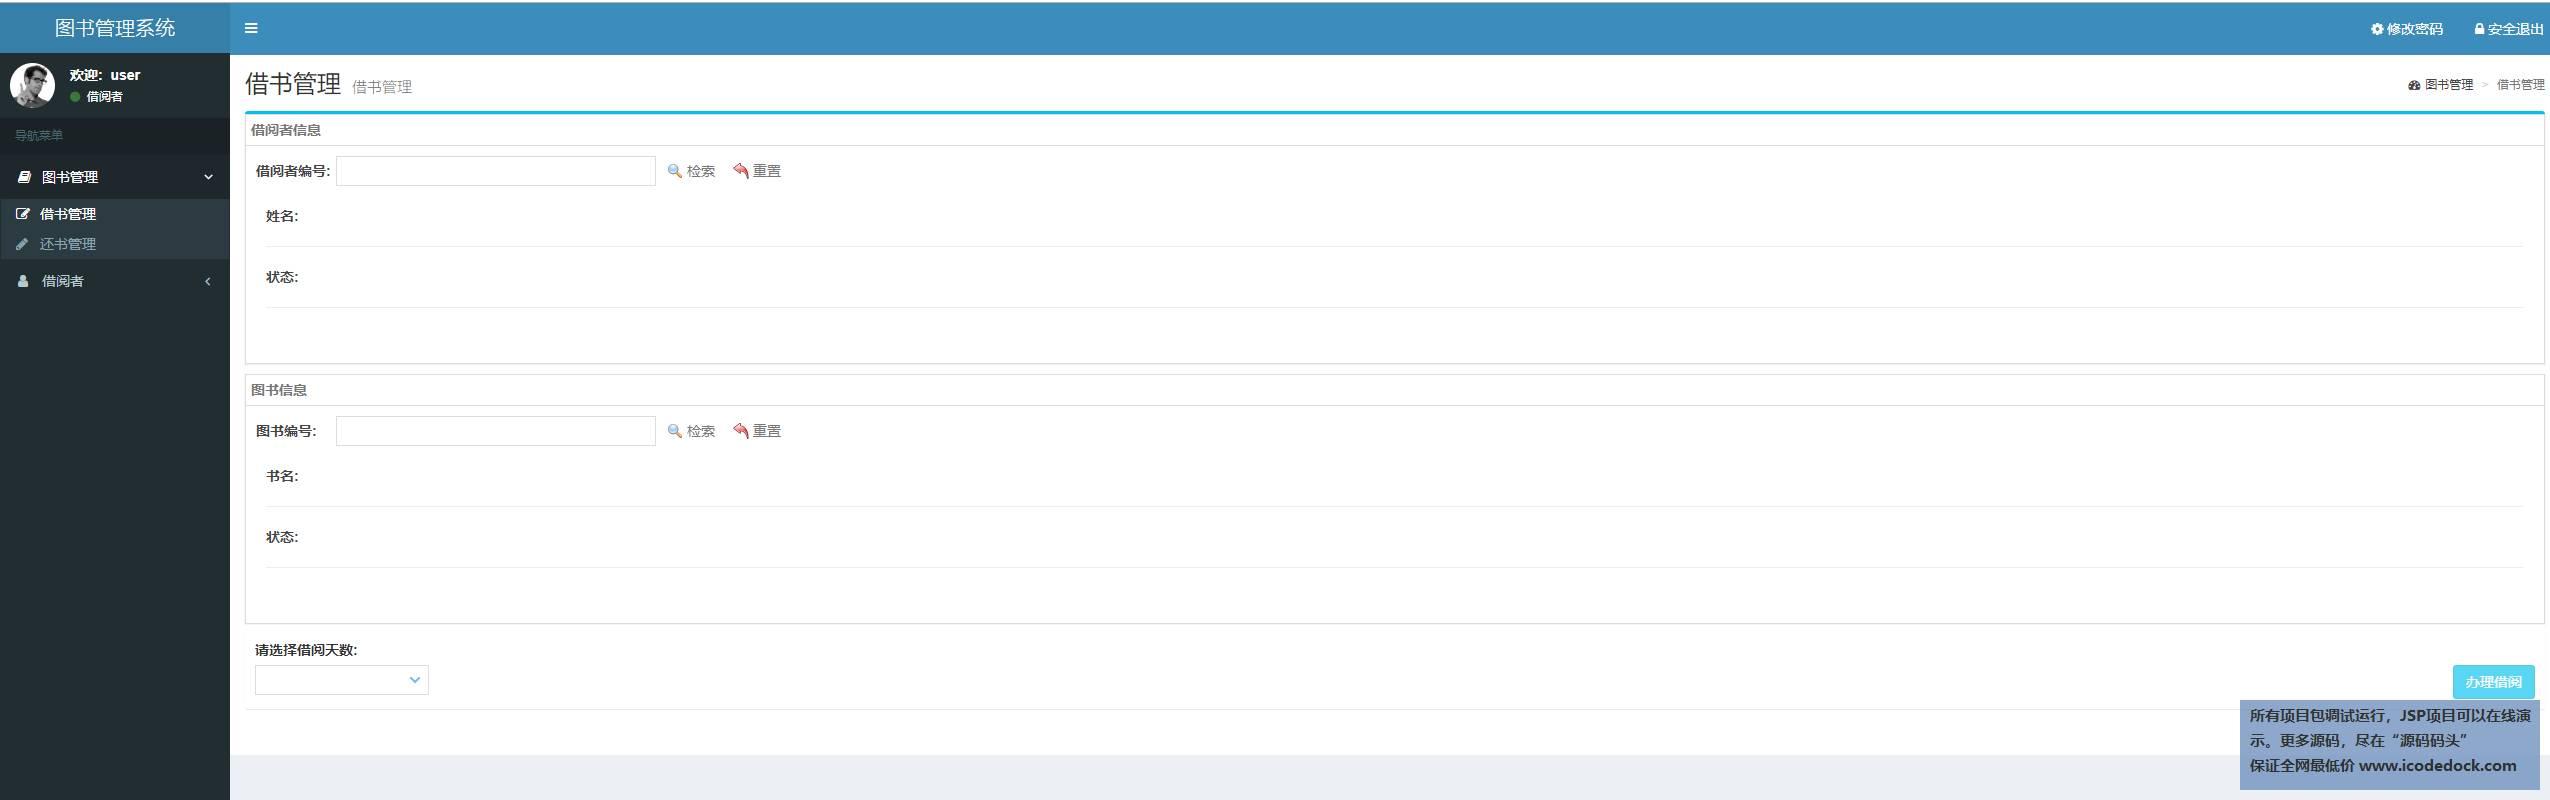 源码码头-SpringBoot图书管理系统-用户角色-借阅管理